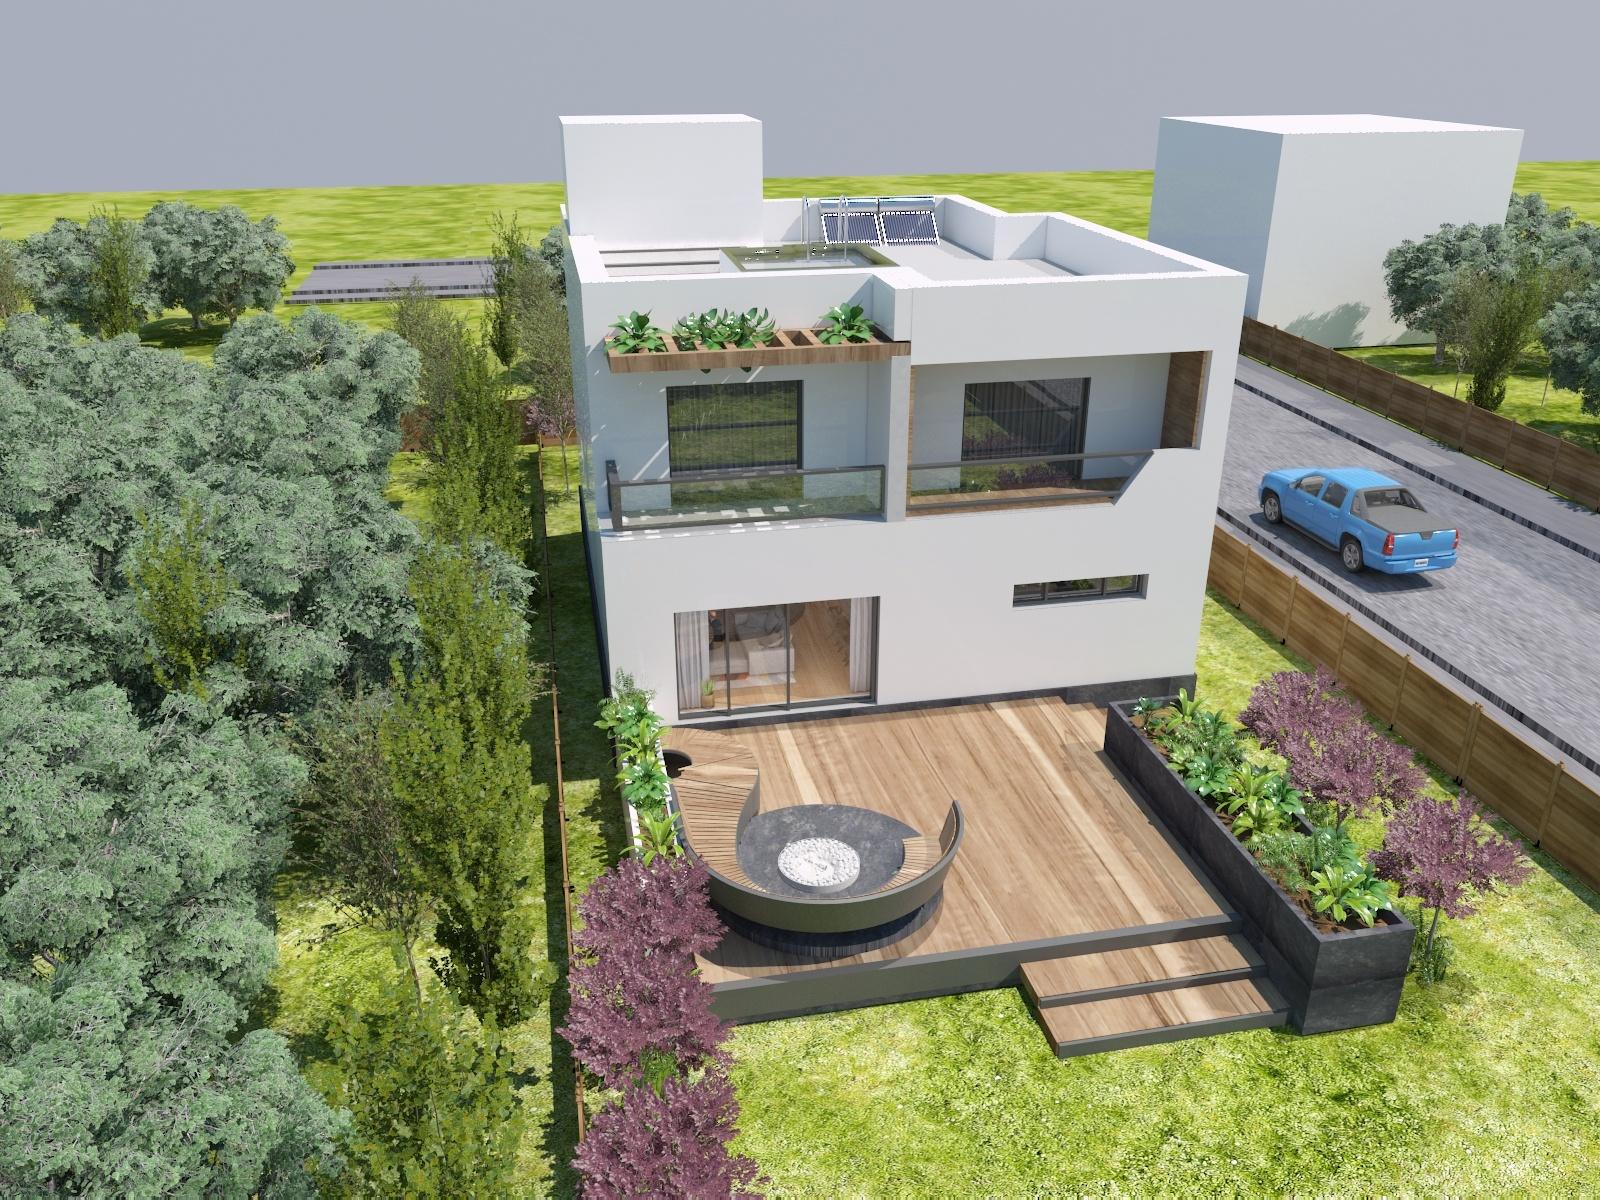 PUZ - Reglementare zonă și stabilire indicatori urbanistici - teren introdus în intravilanul Municipiului Ploiești - Construire Locuință individuală